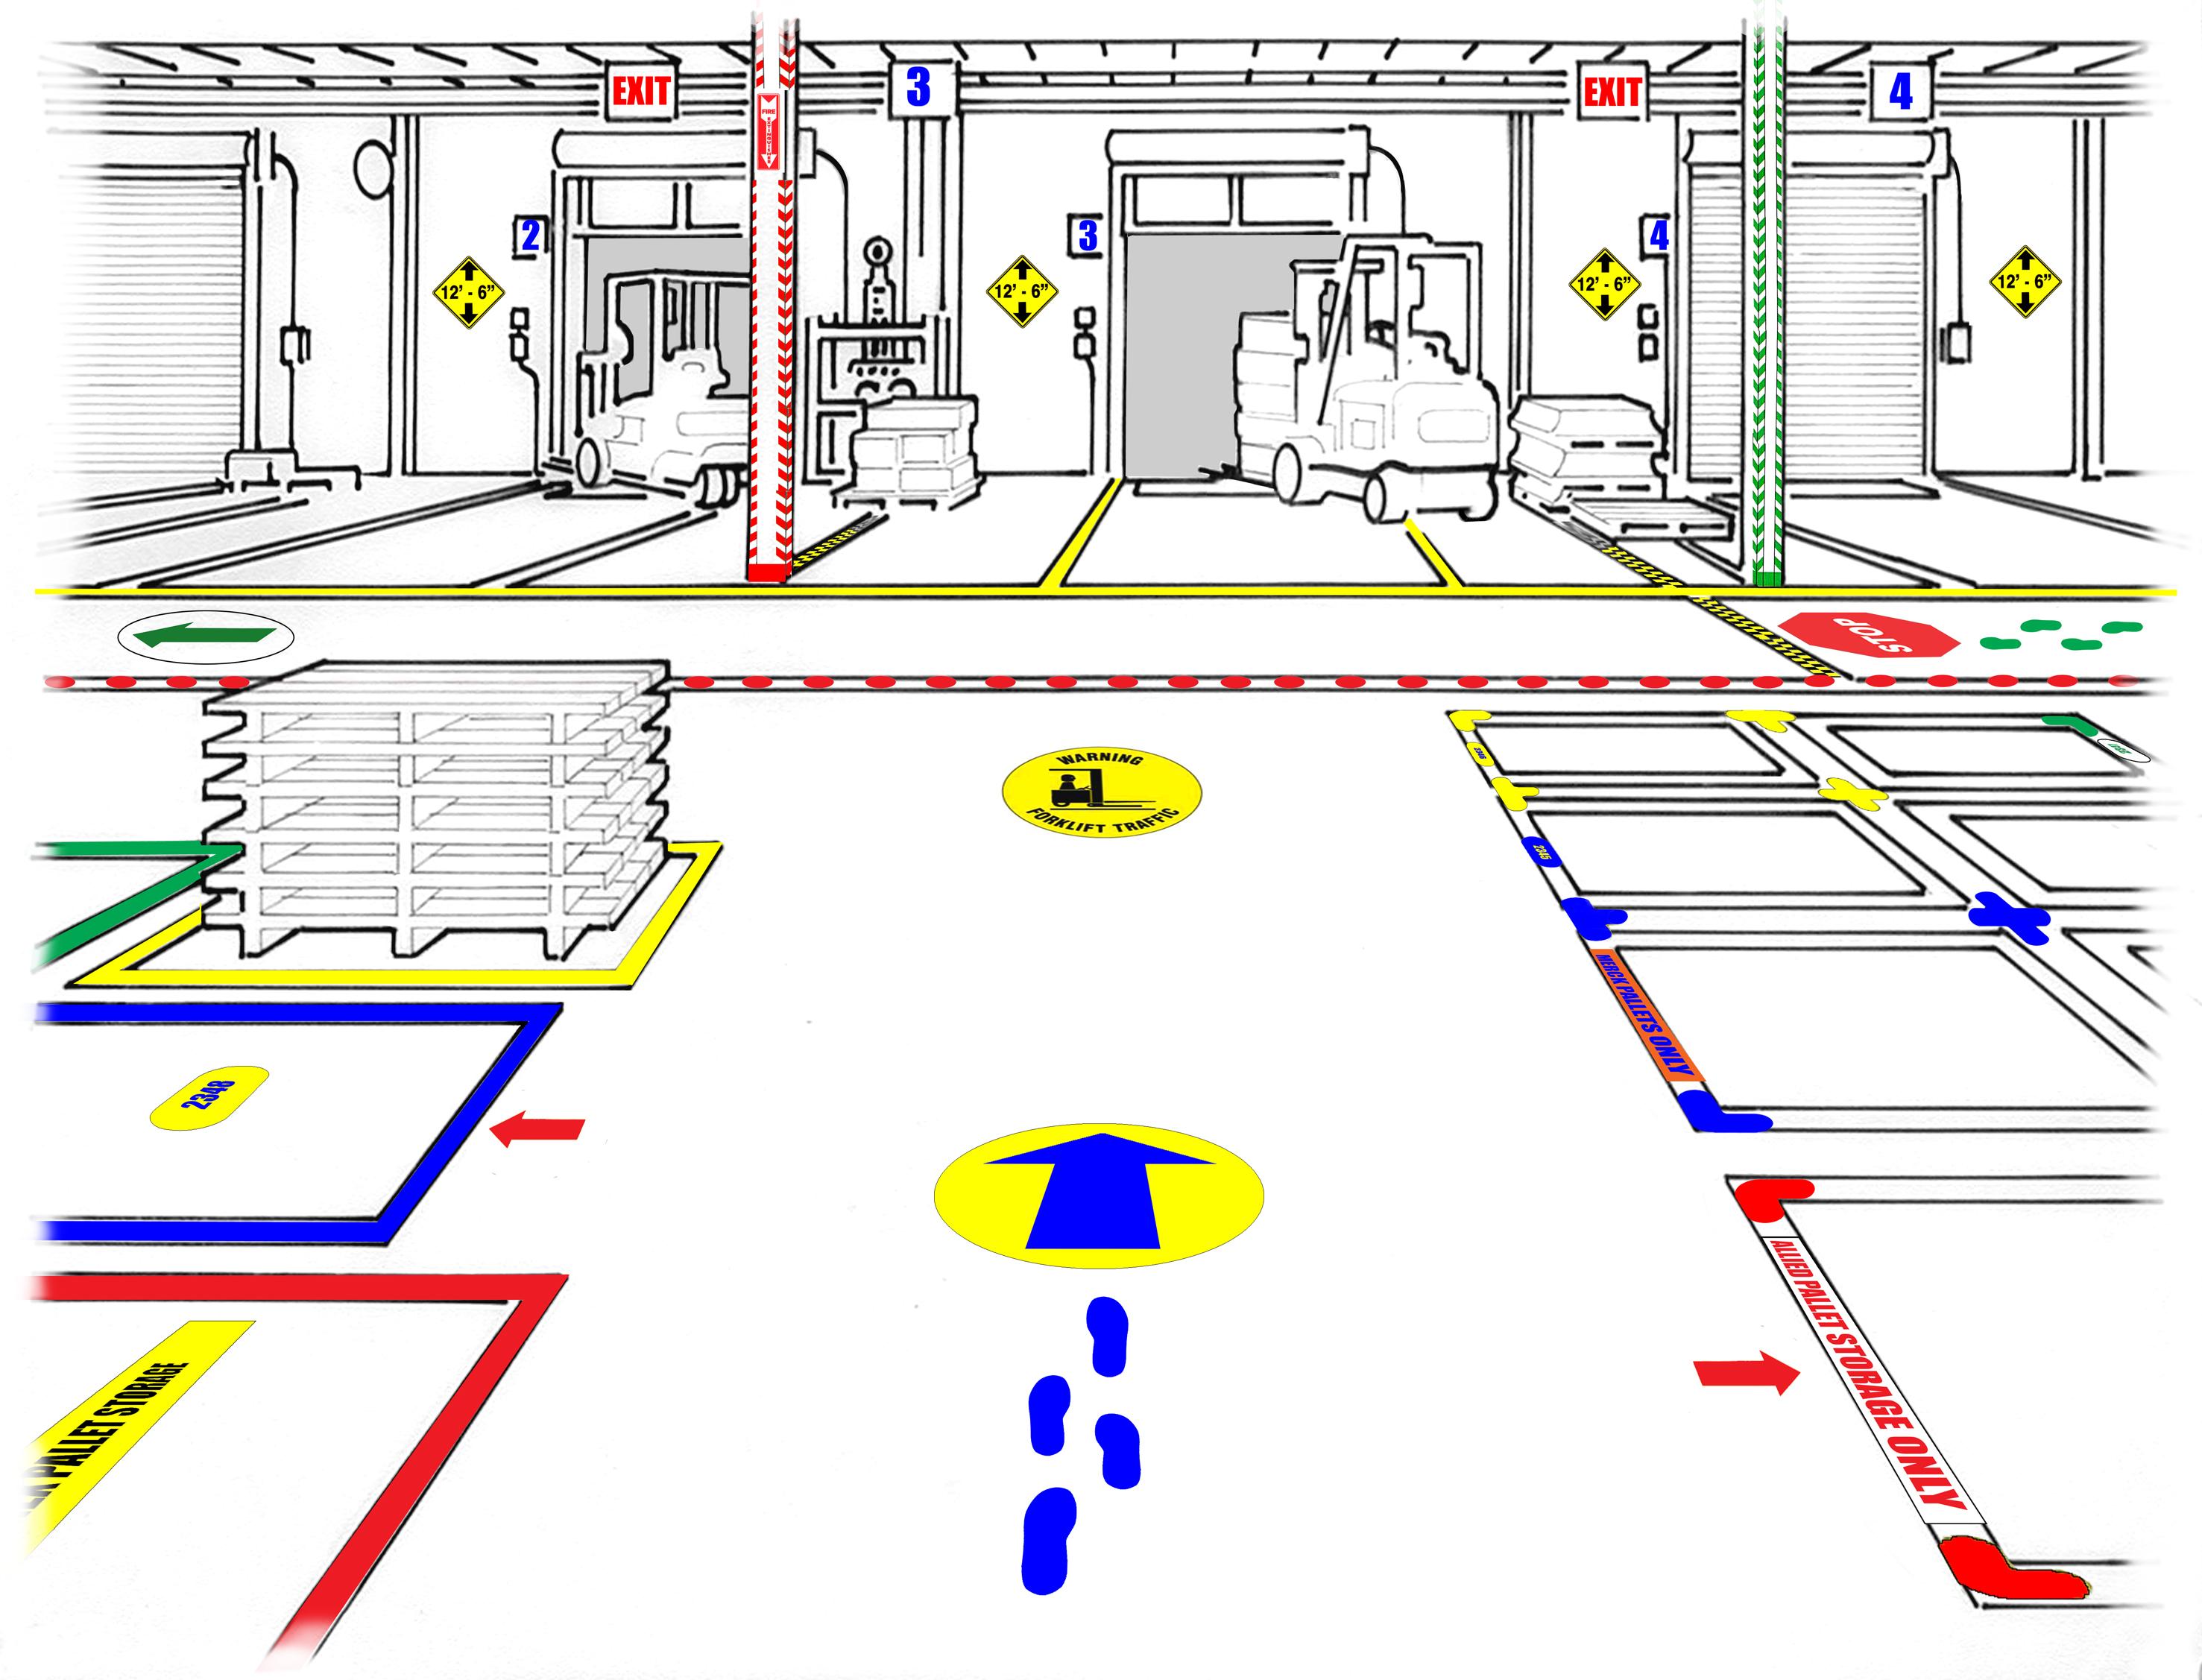 Ứng dụng của máy in và bế cắt nhãn CPM-100HG5M trong sản xuất